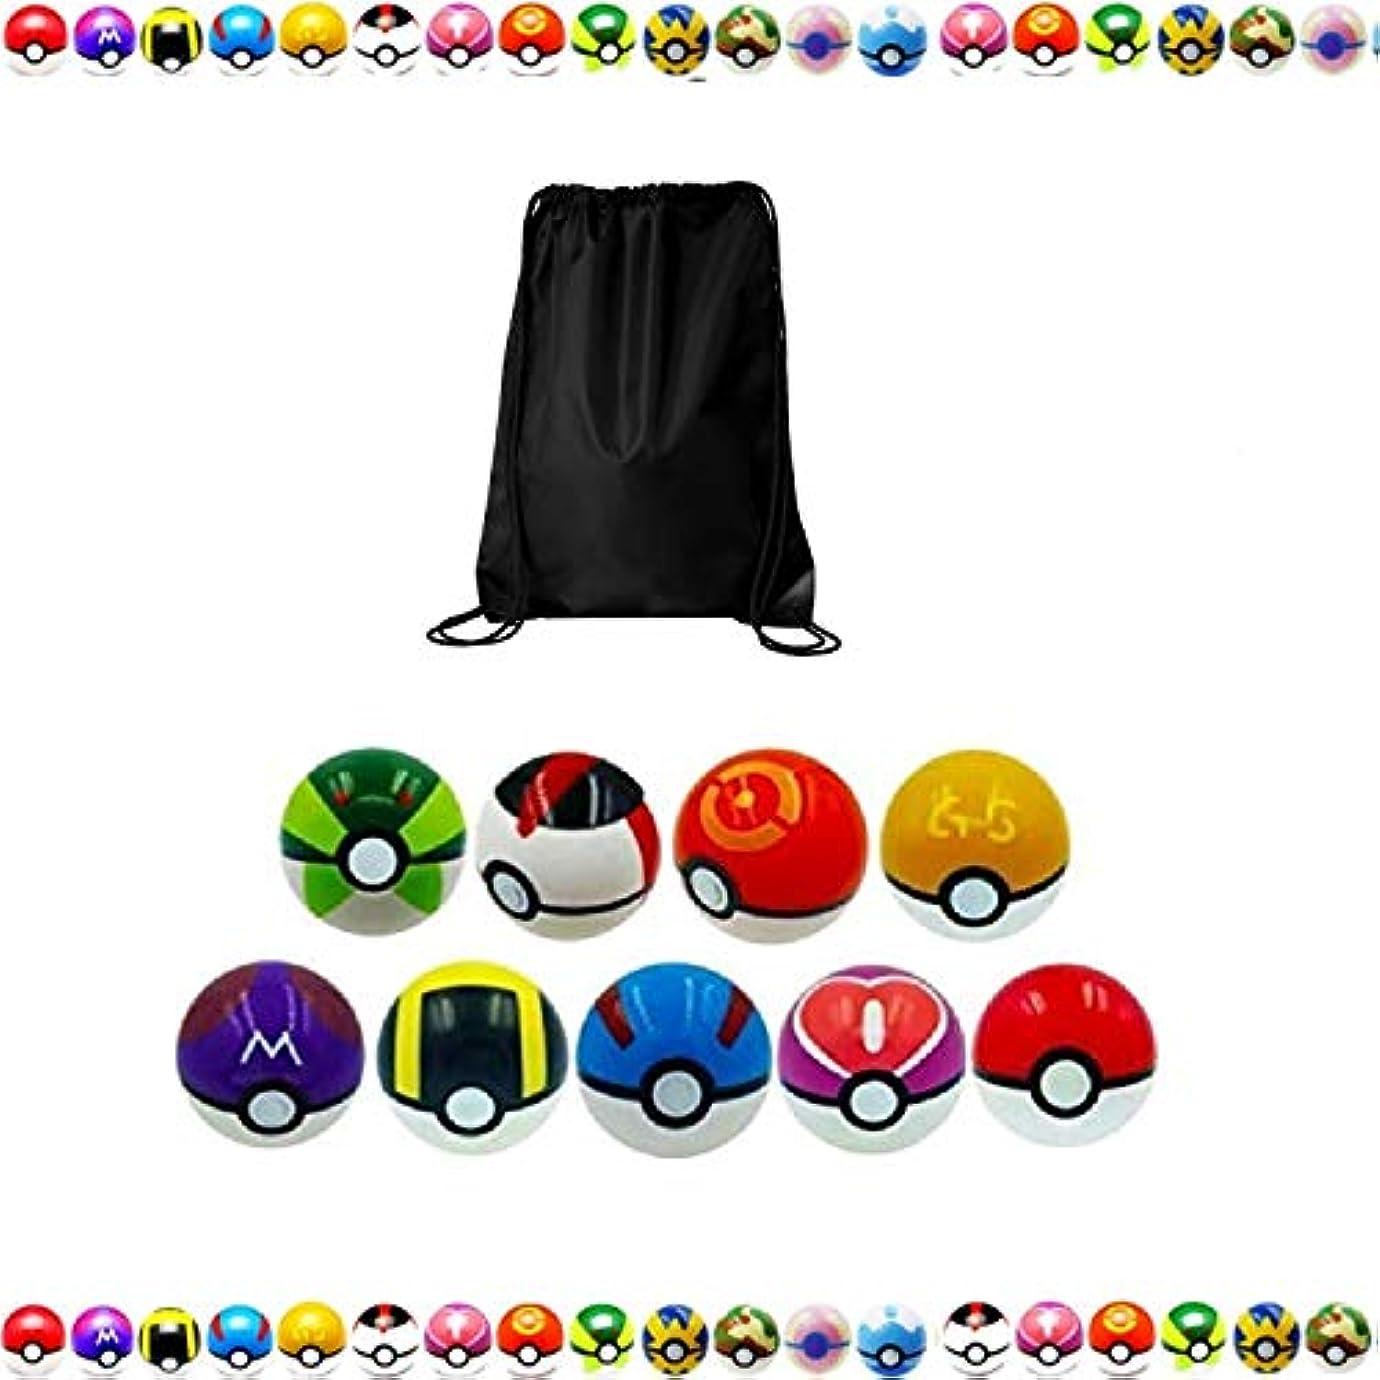 有害なロッカー使役Rising Gear 9つの異なるピーススタイルポークボール + 1つのブラックトートバックパック コストプレー、ファン、コレクション用